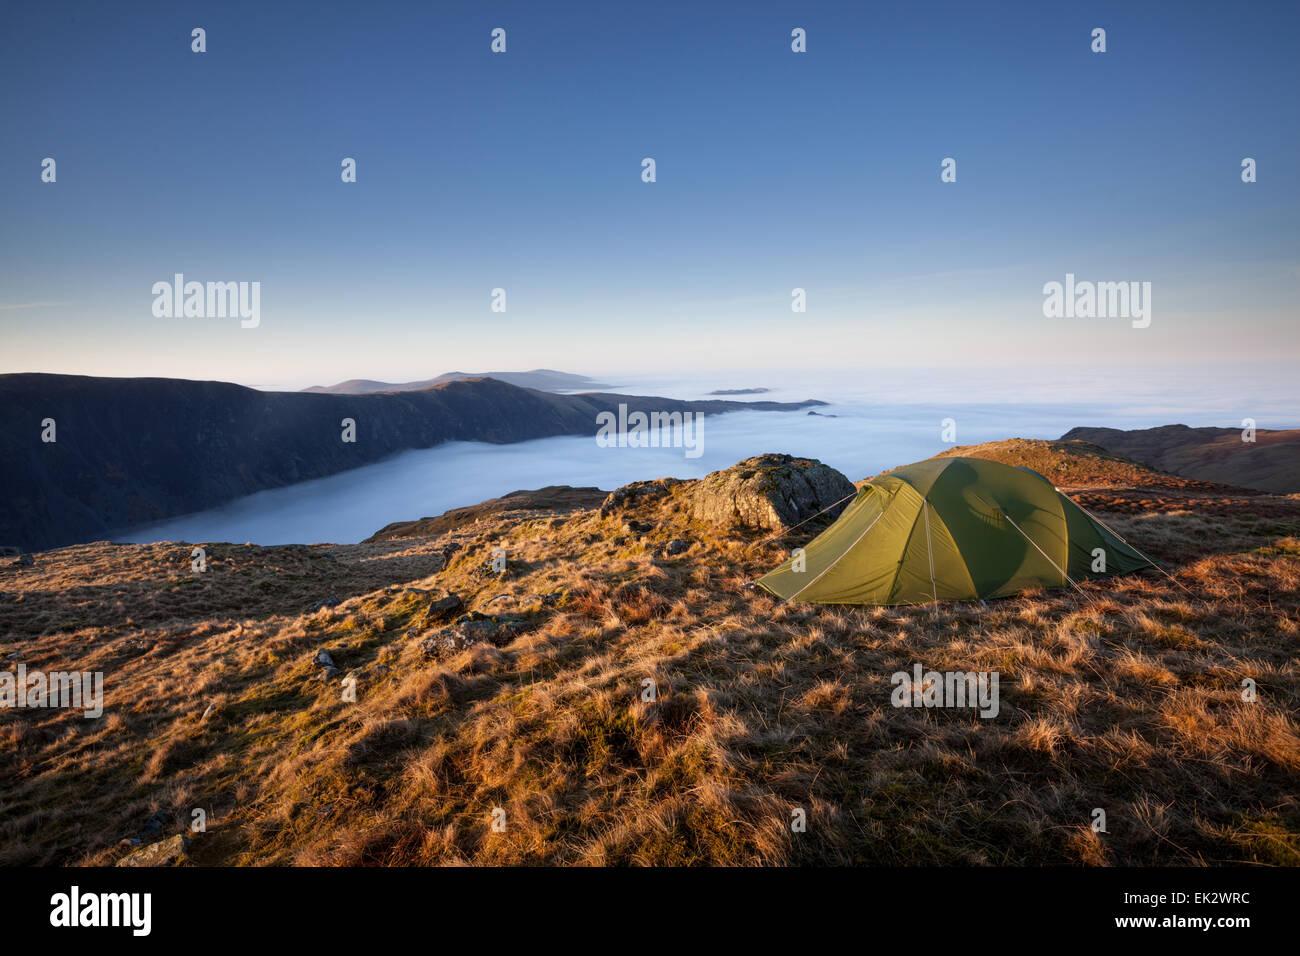 Lever du soleil et des nuages sur l'inversion de Wastwater notre emplacement tente camping sauvage au-dessus Photo Stock